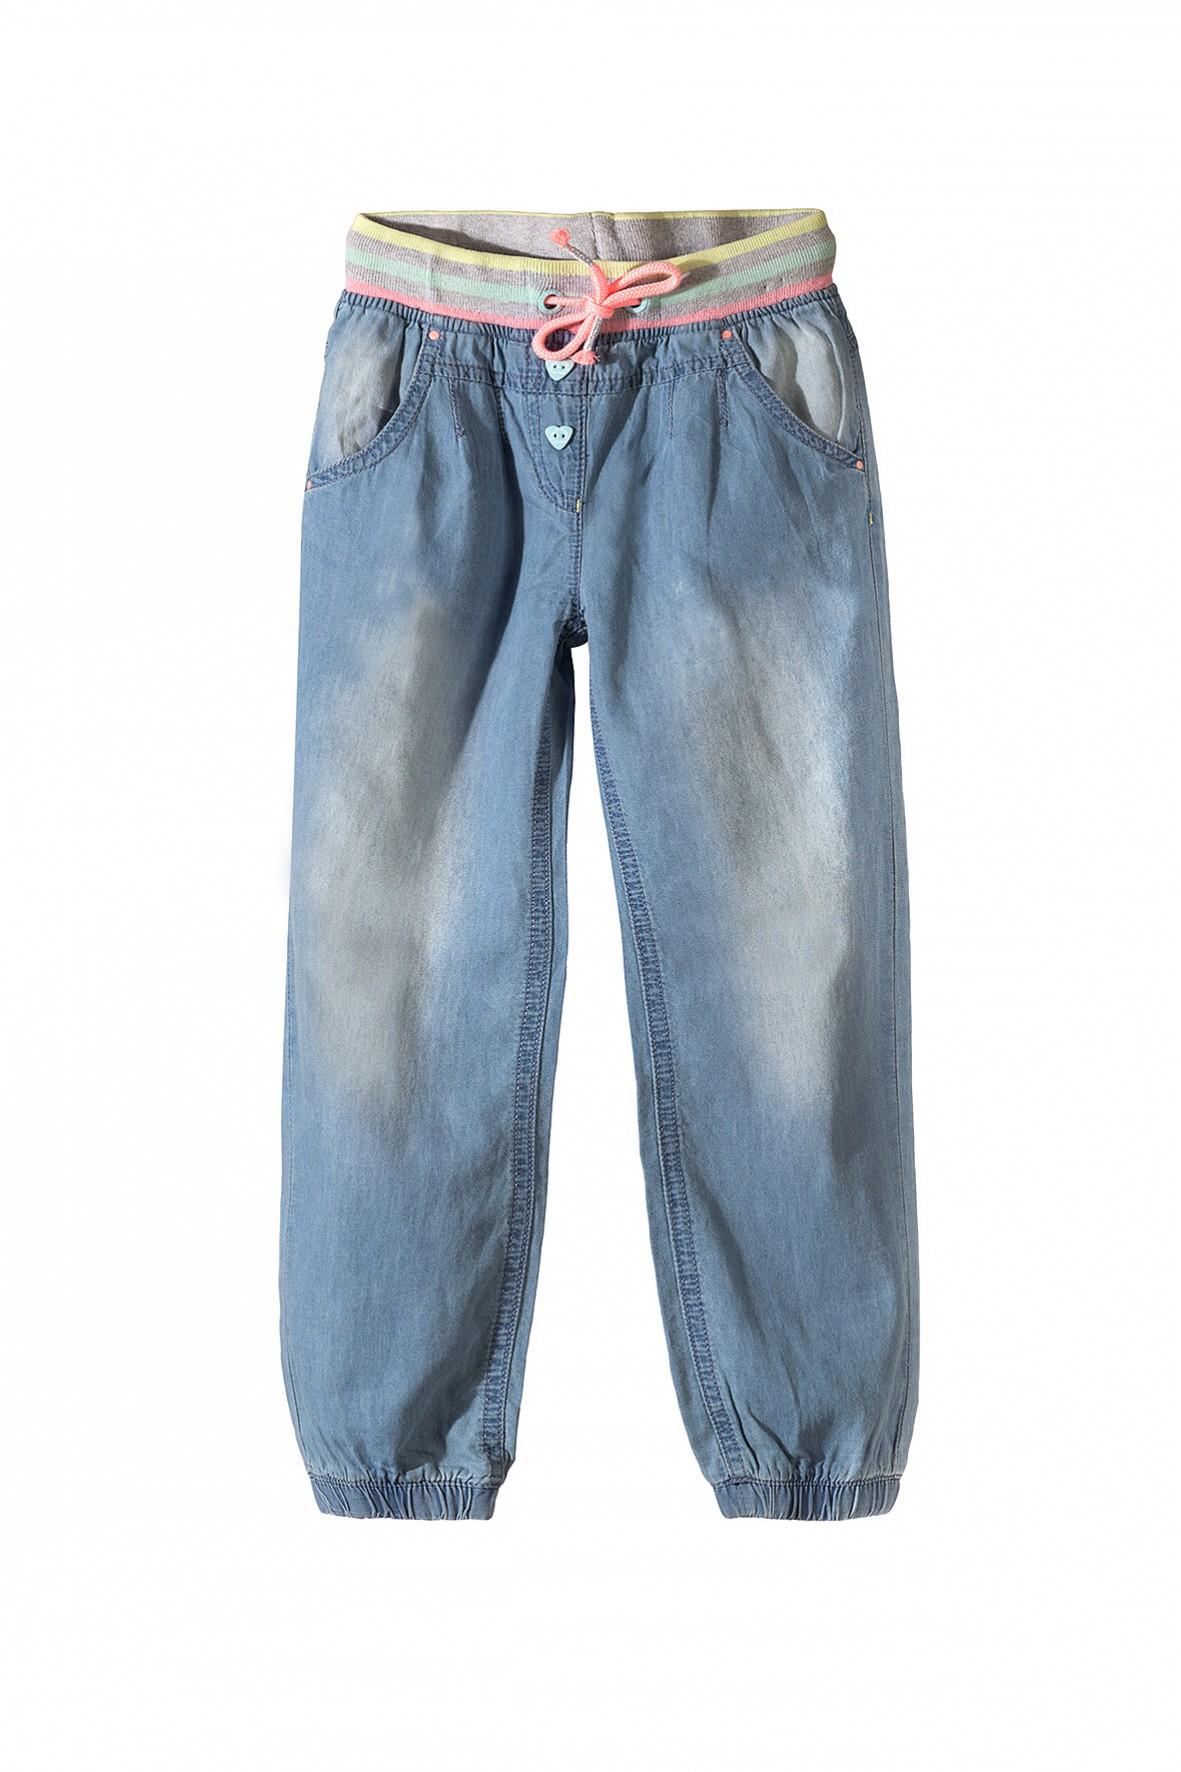 Spodnie dziewczęce 100% bawełna